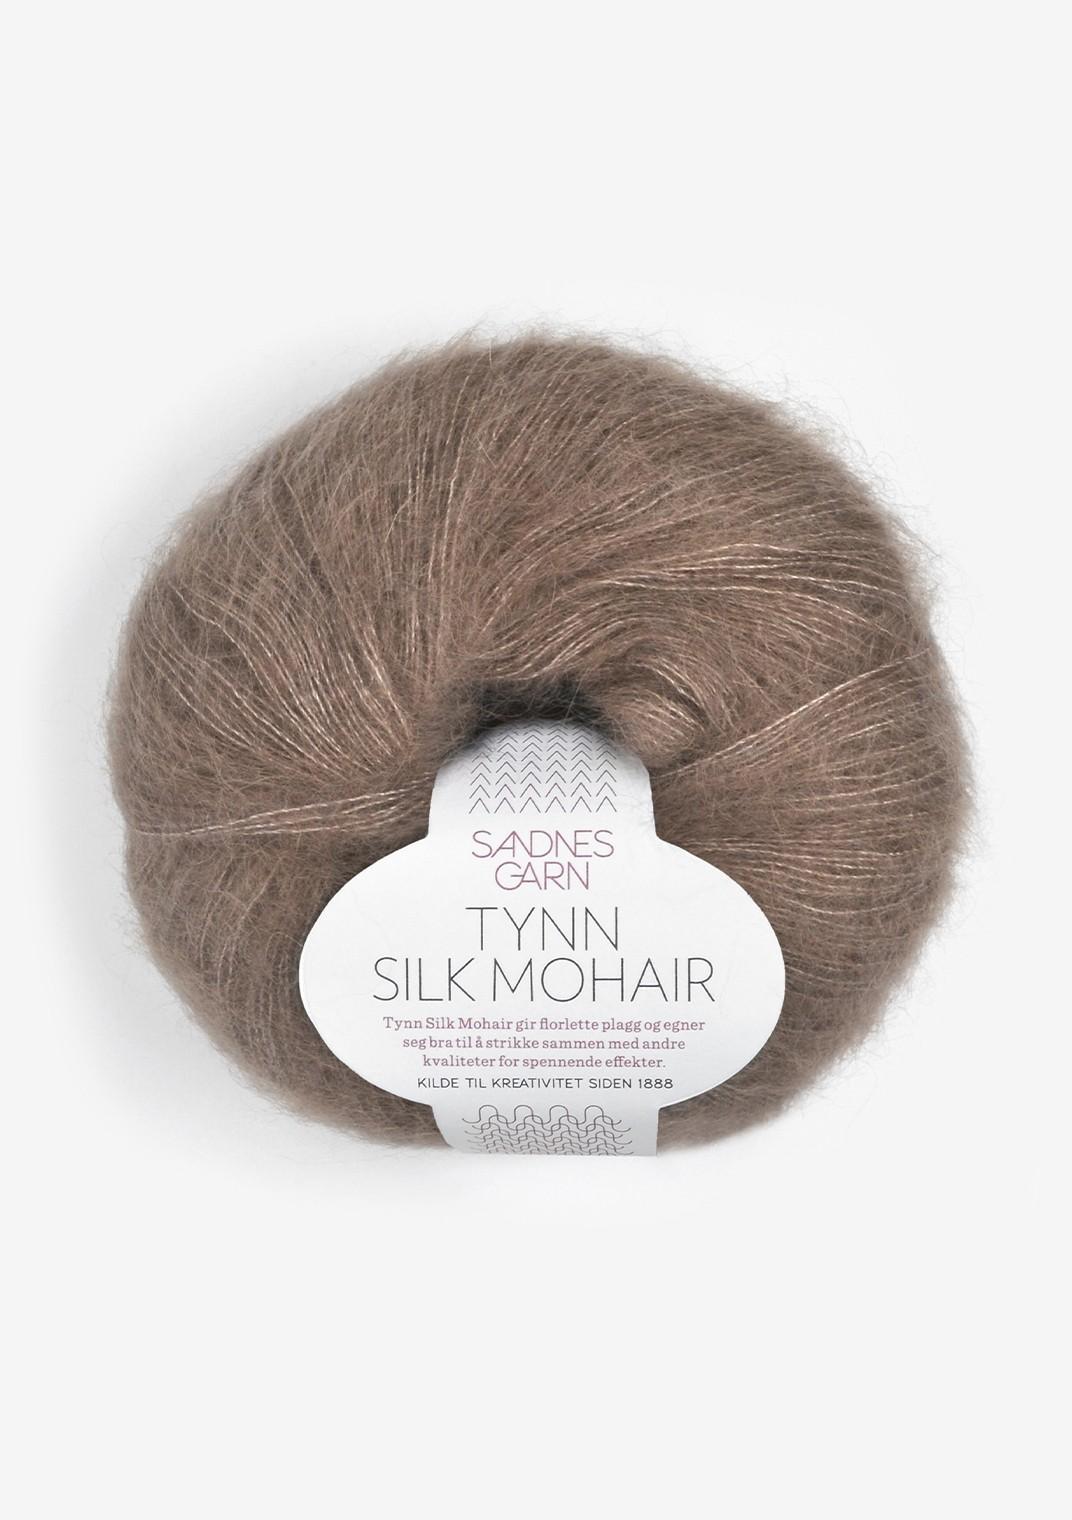 Sandnes 3161 eikenøtt Tynn Silk Mohair